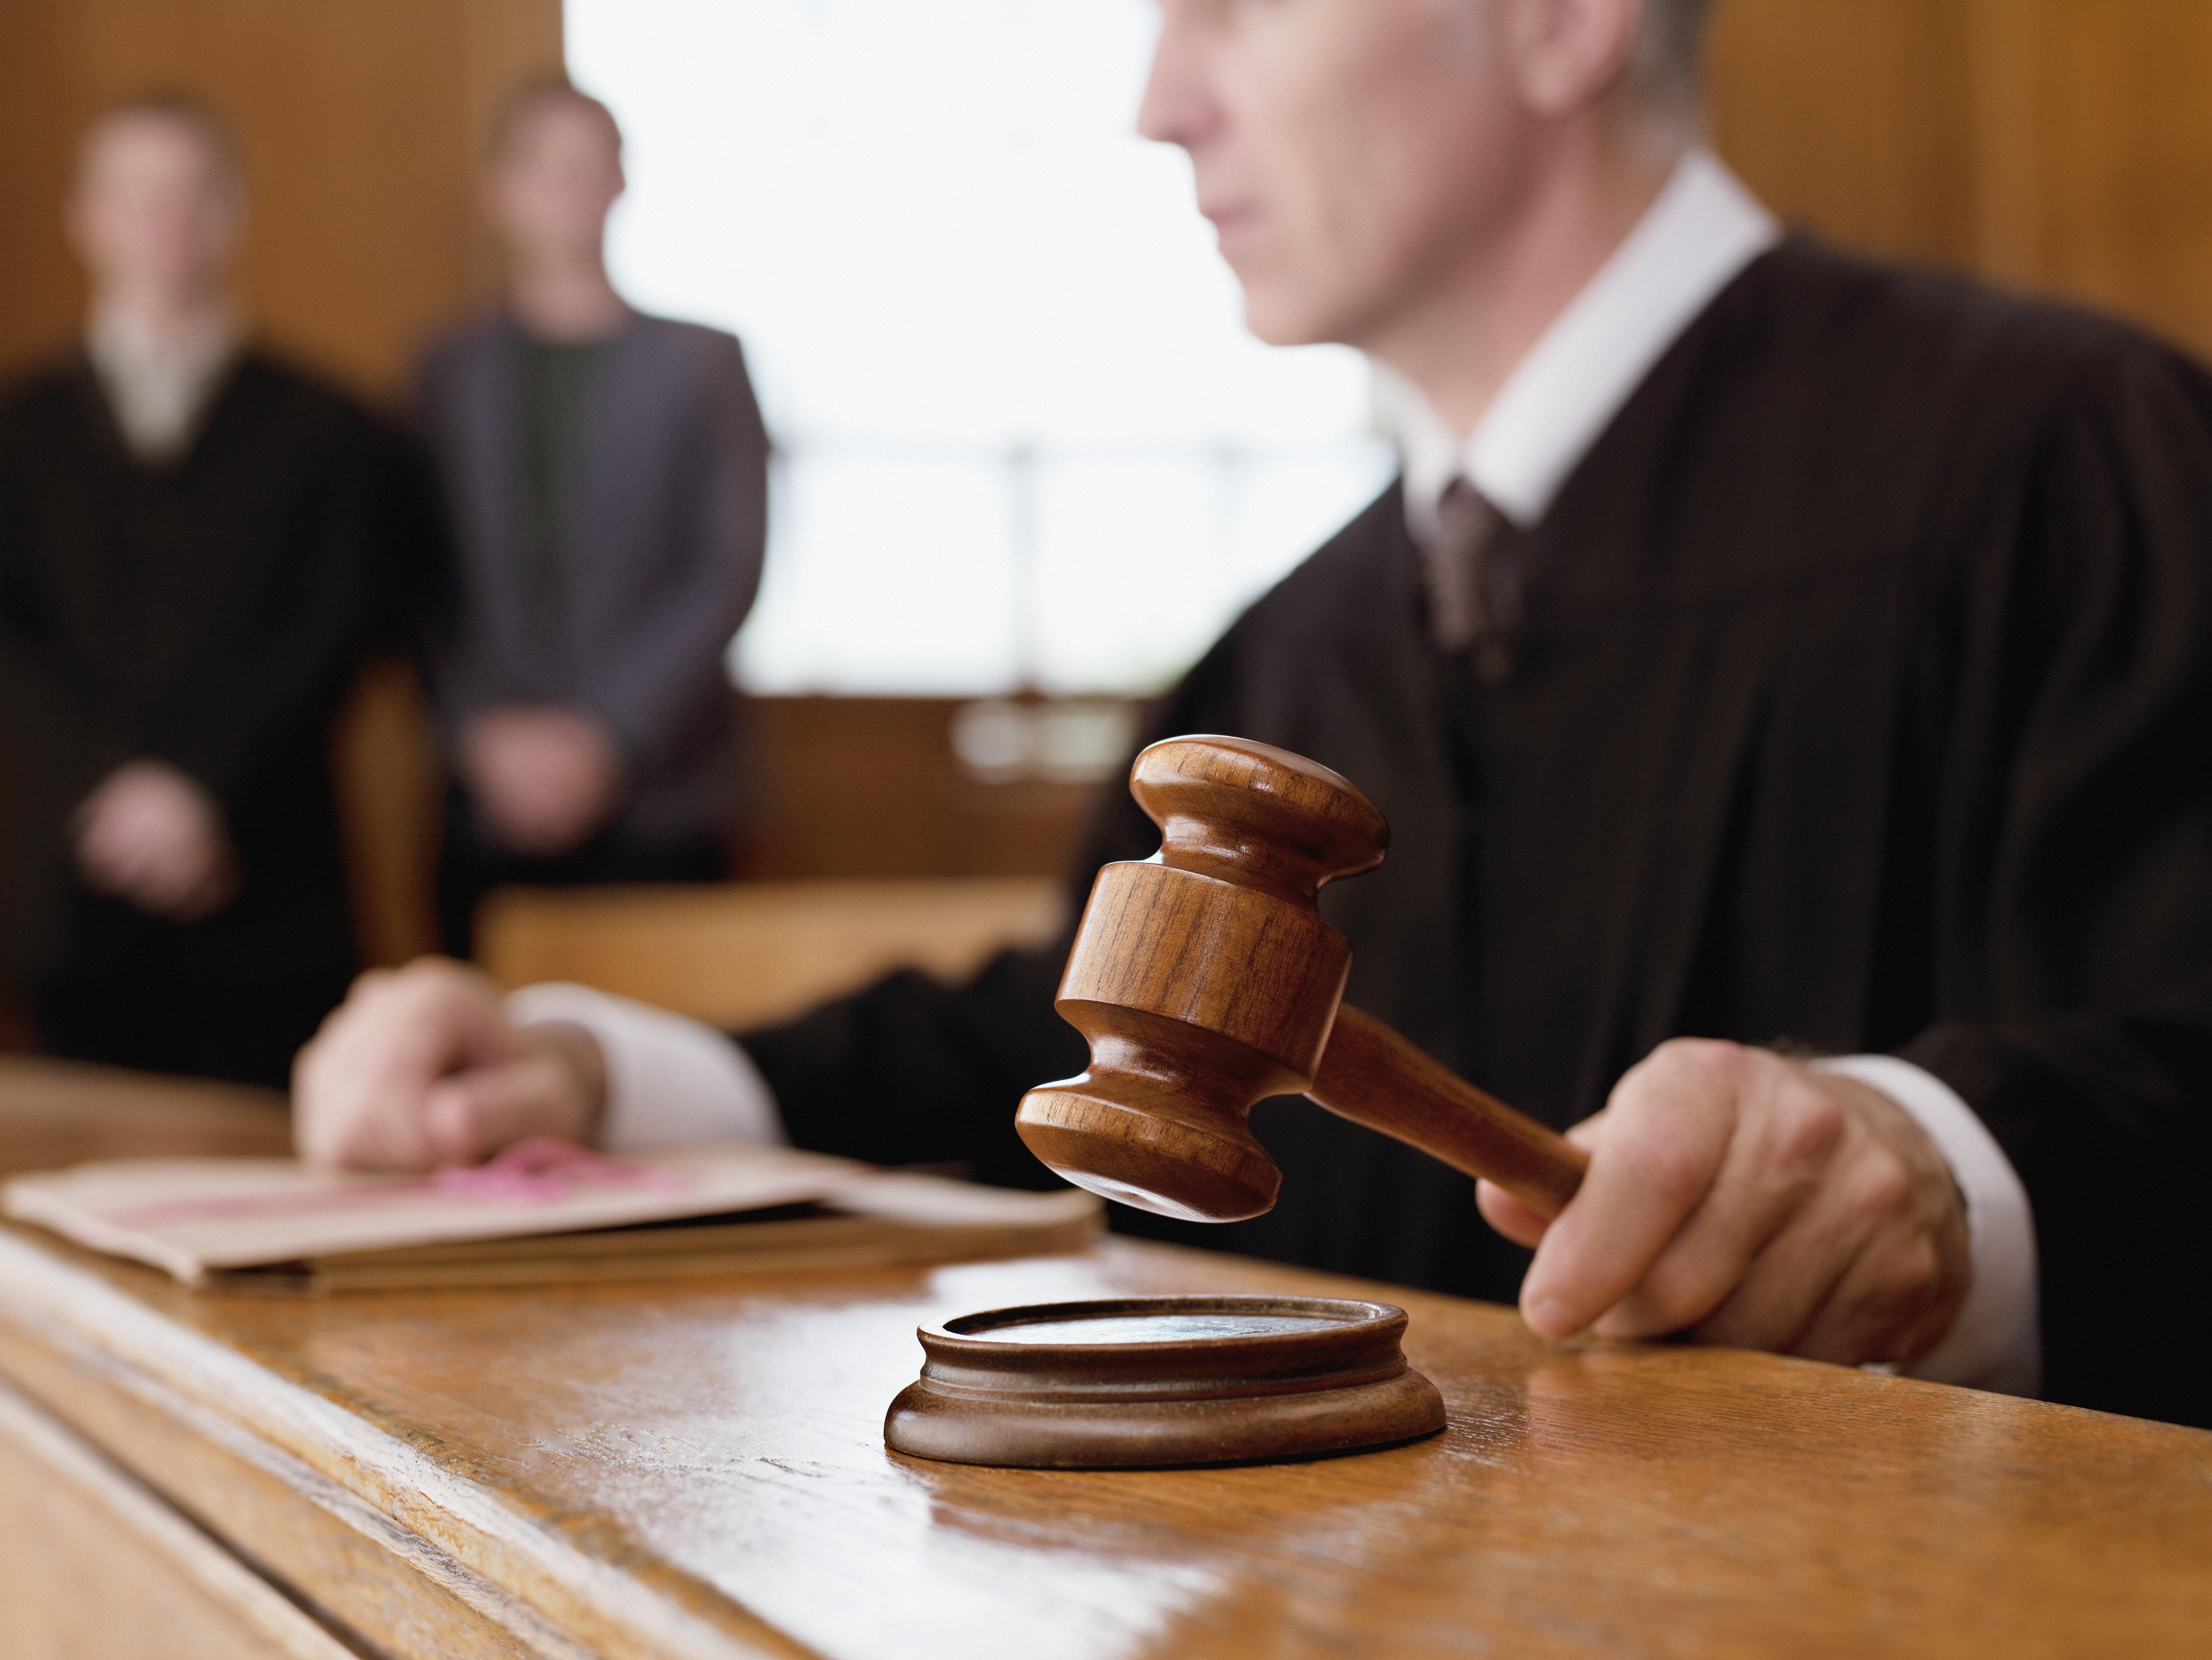 性的暴行を訴える女性に「足は閉じましたか?」と裁判官。 停職処分の可能性も